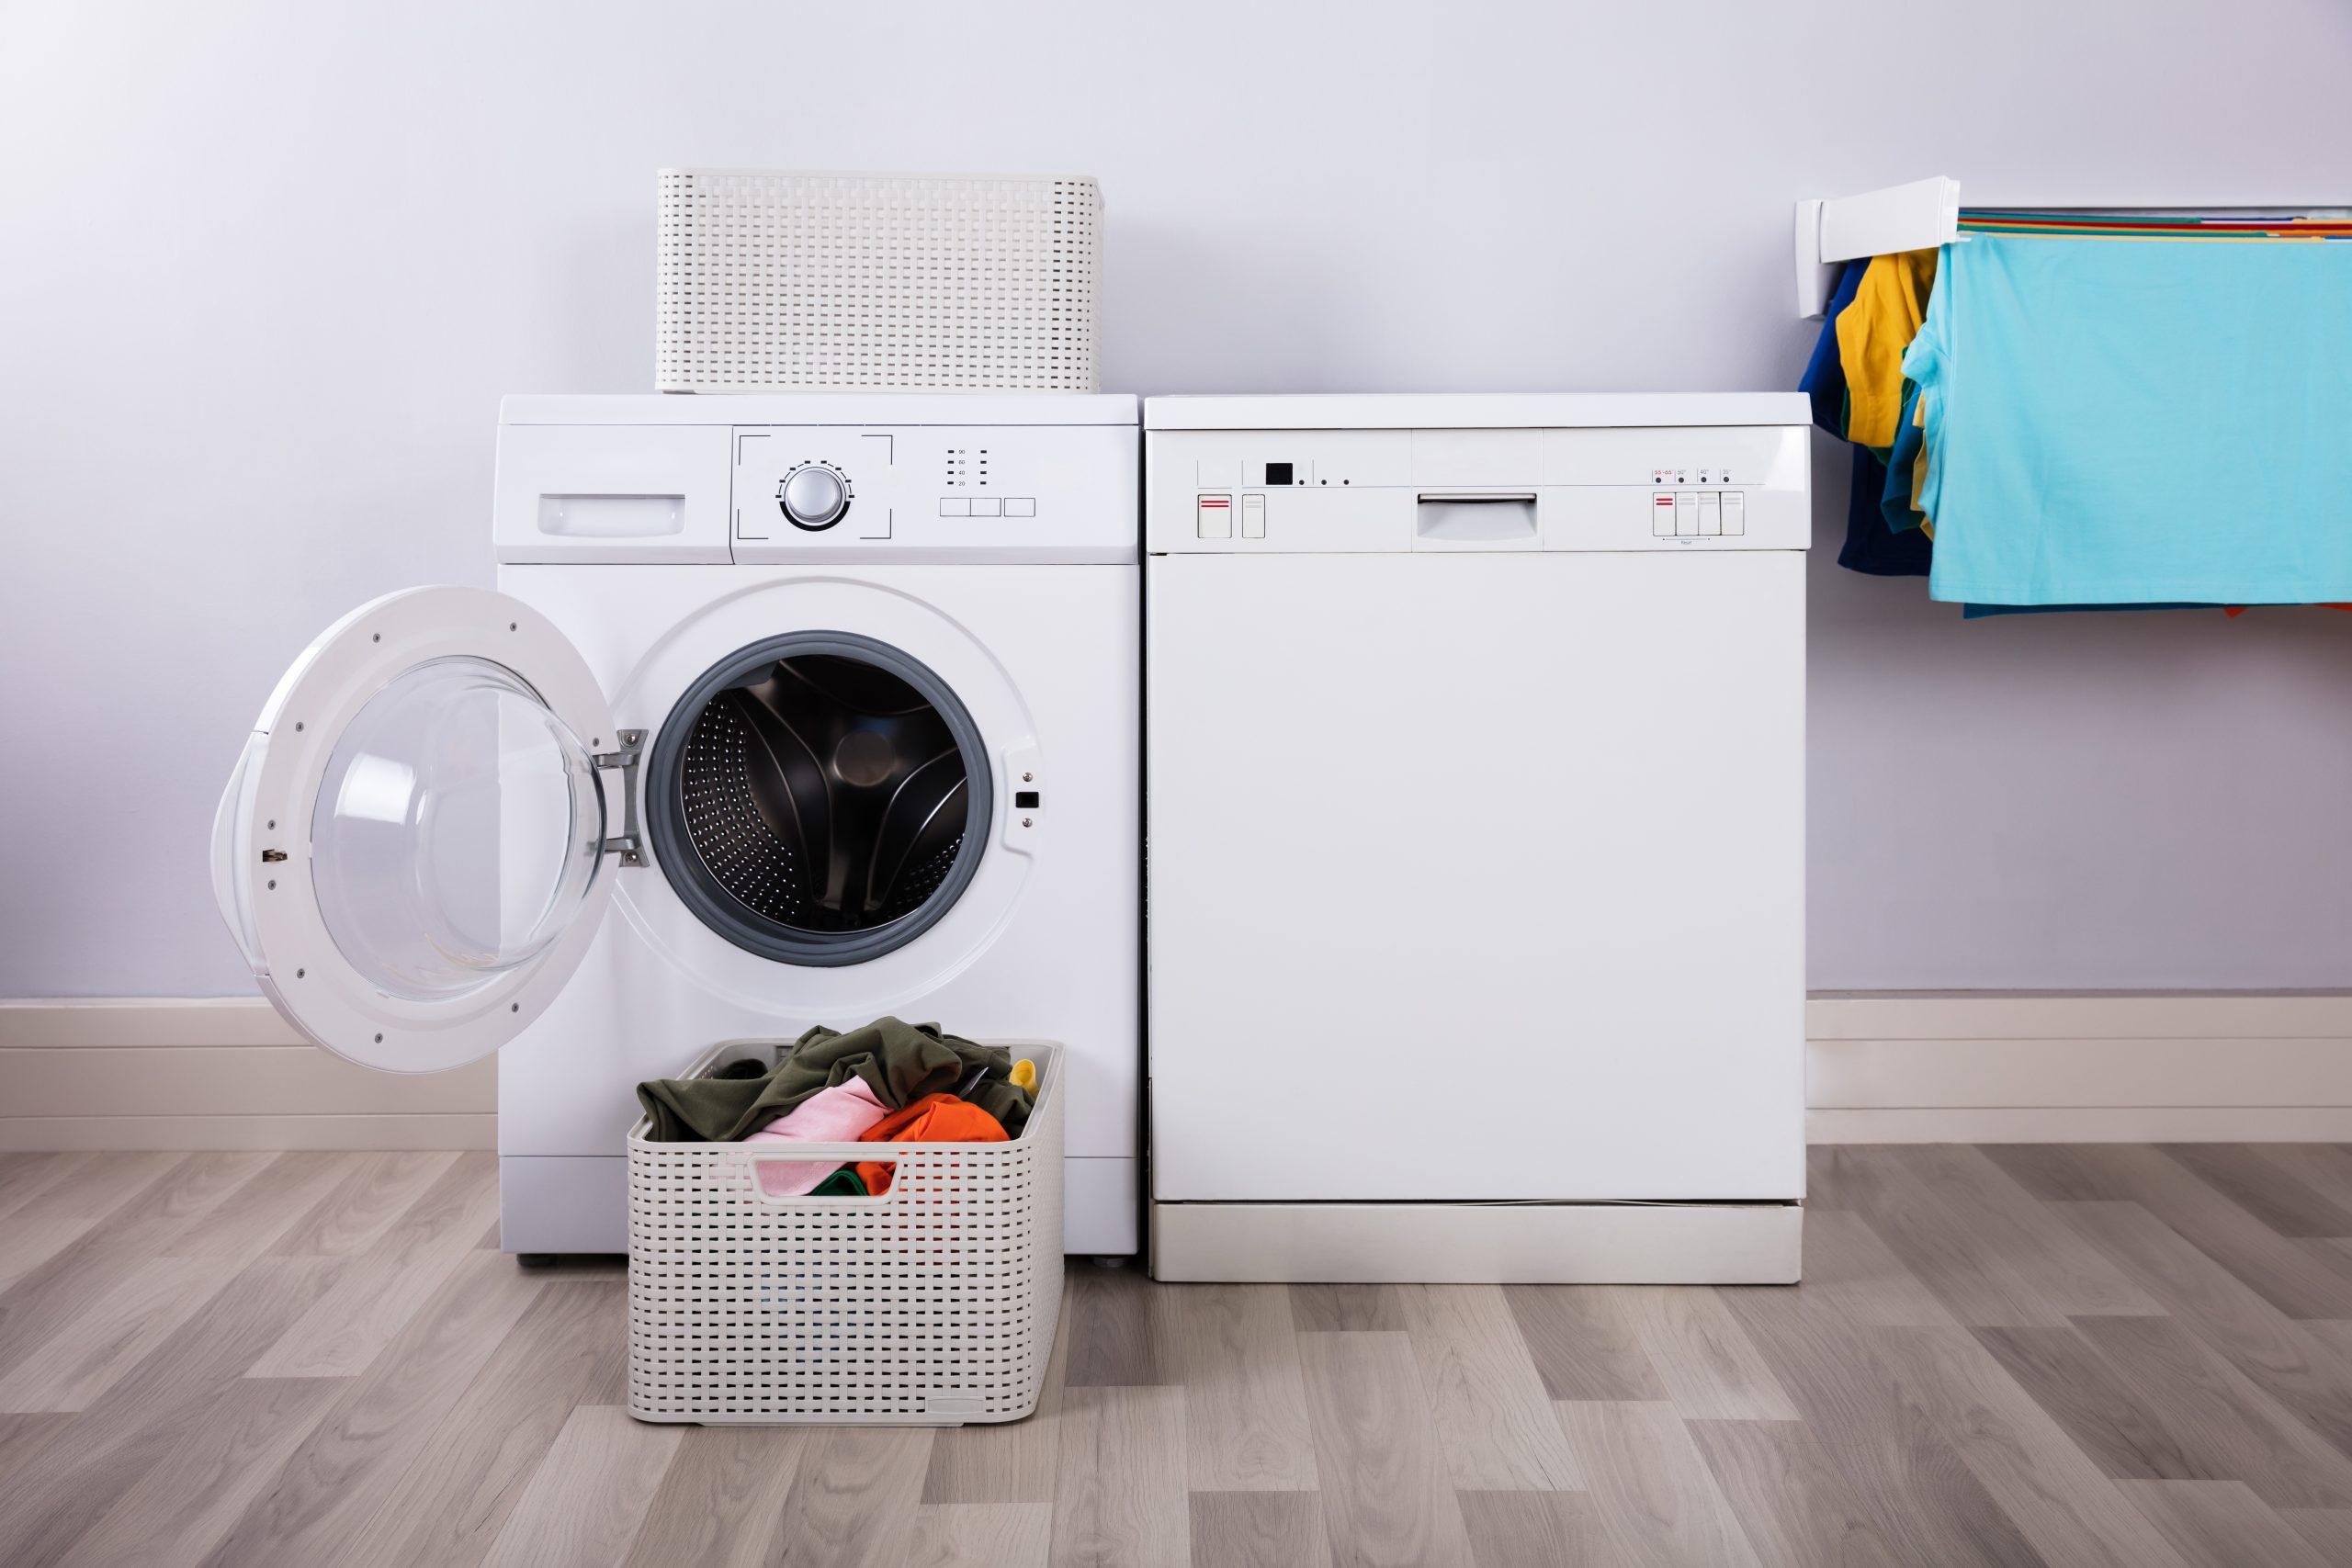 Asciugatrice Migliore Marca 2017 miglior lavatrice samsung 2020: guida all'acquisto   utileincasa